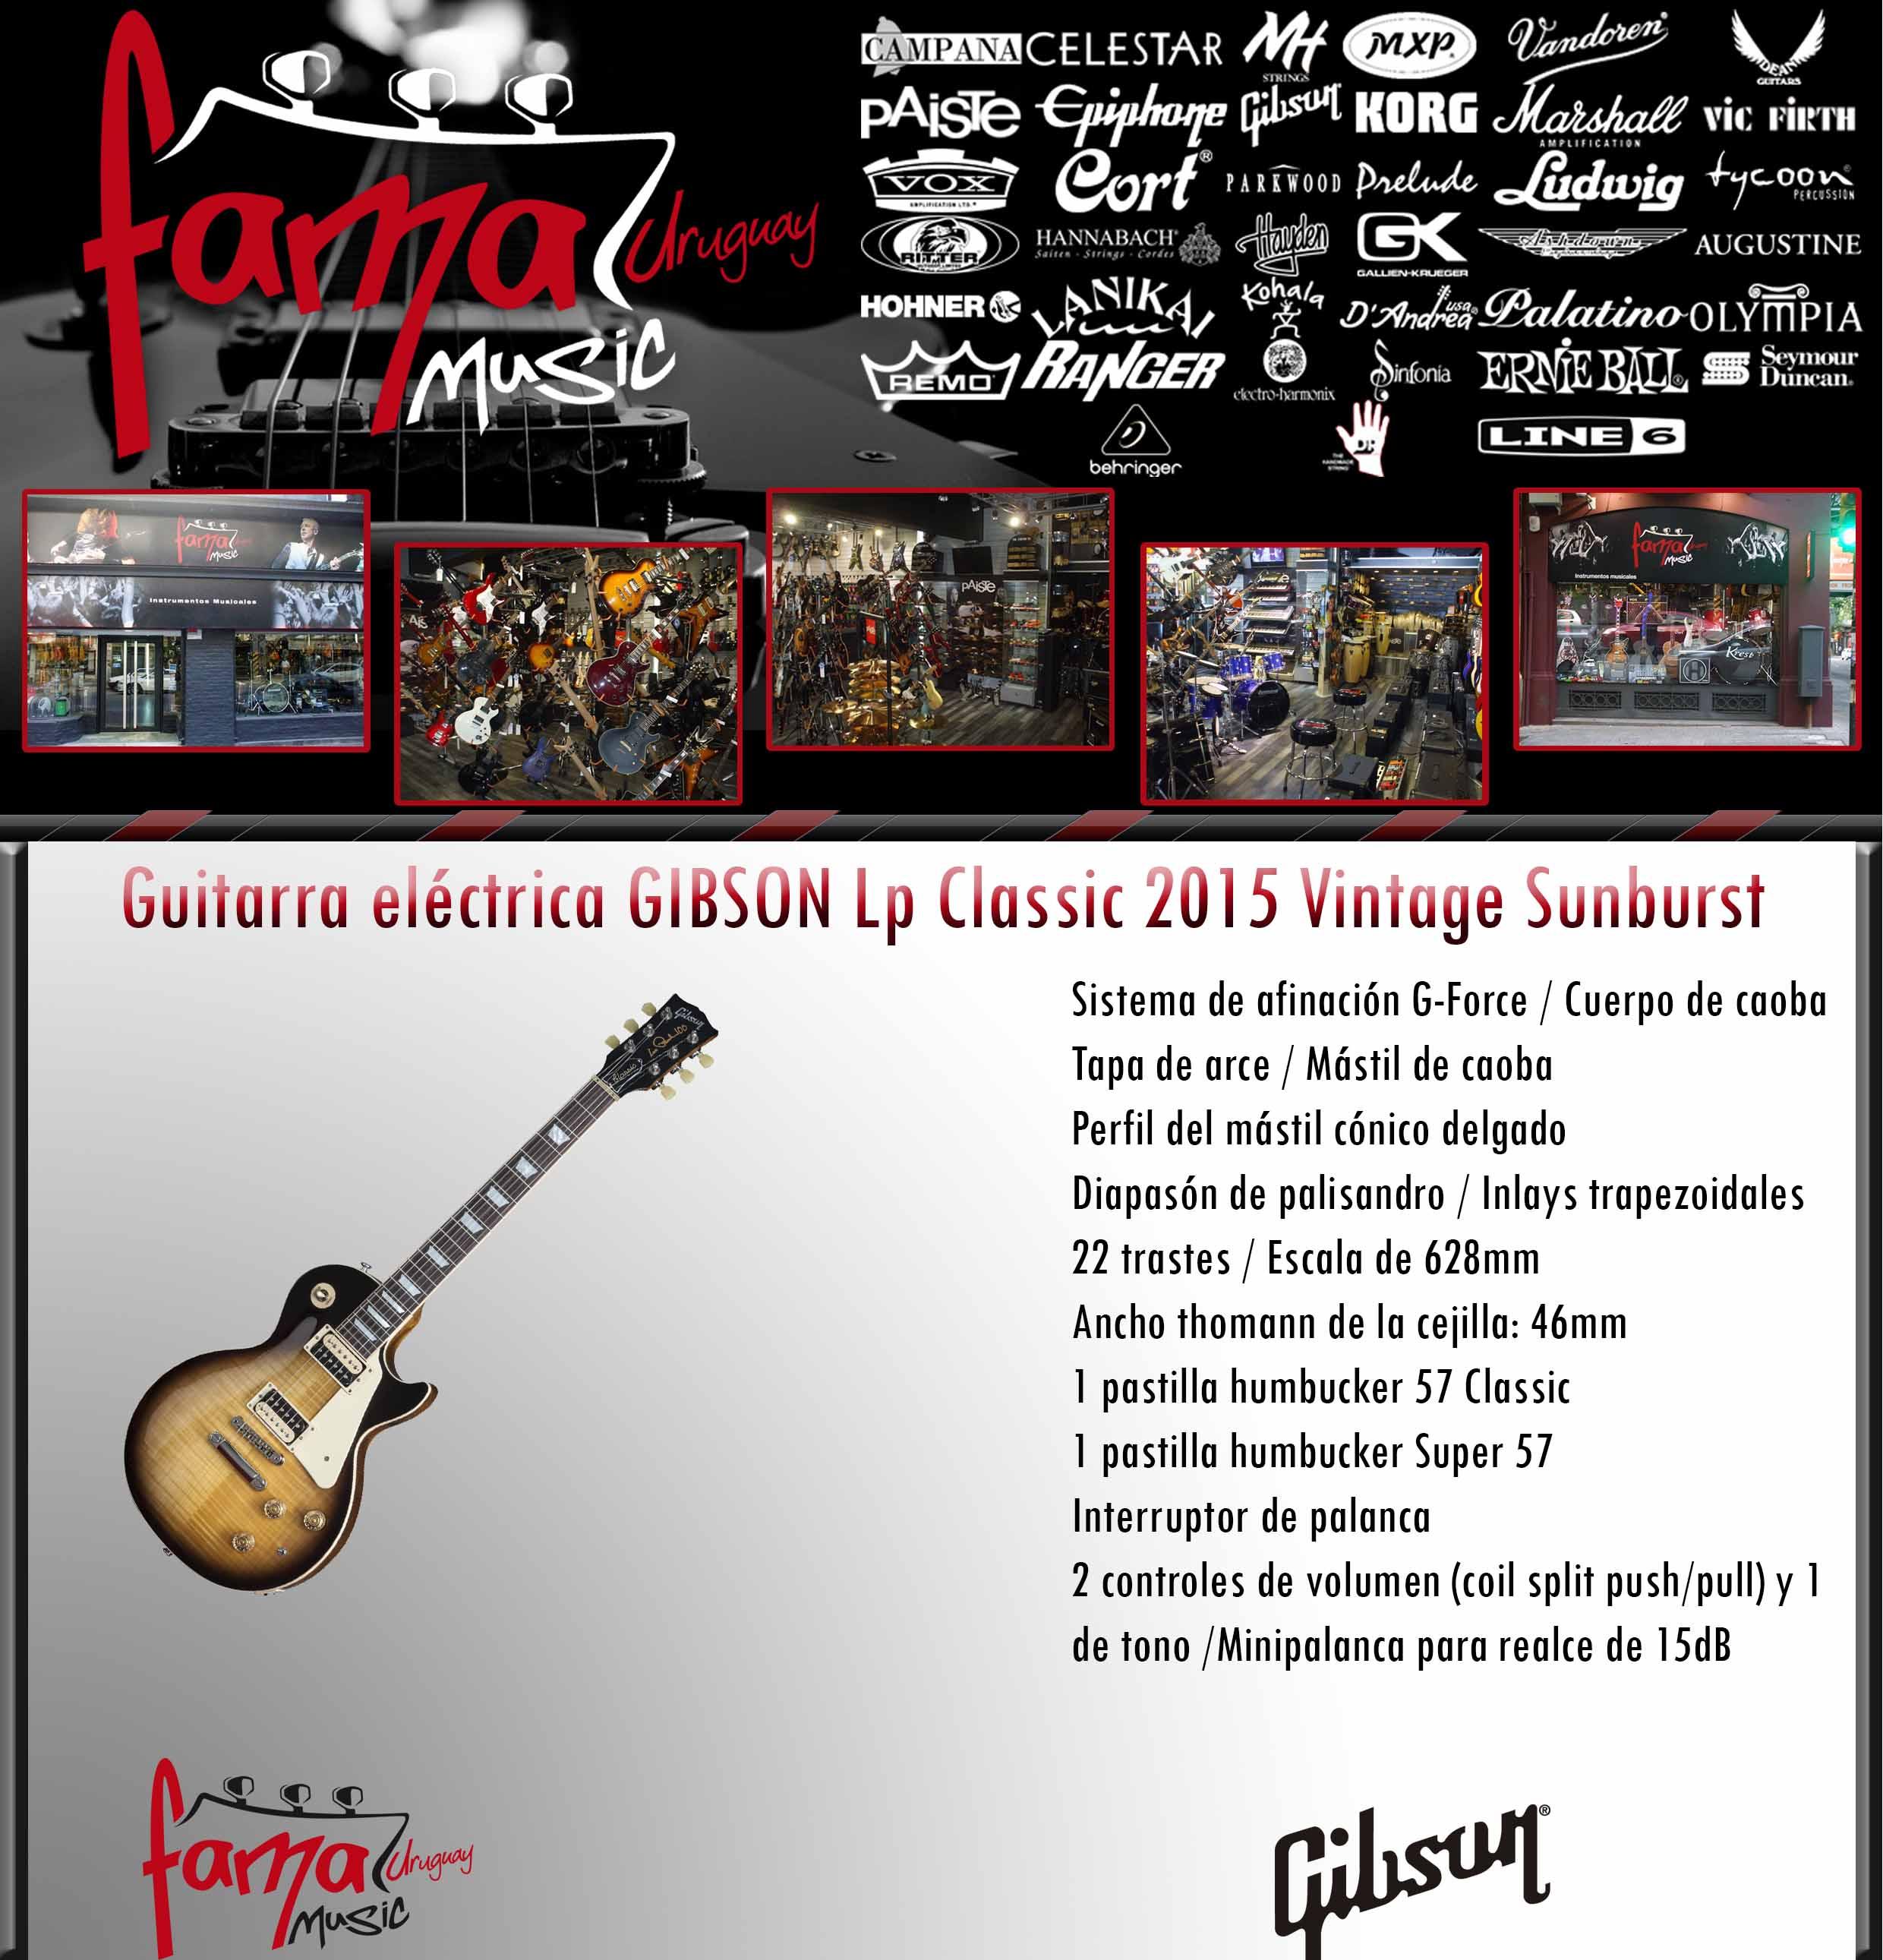 Guitarra eléctrica GIBSON Lp Classic 2015 Vintage Sunburst